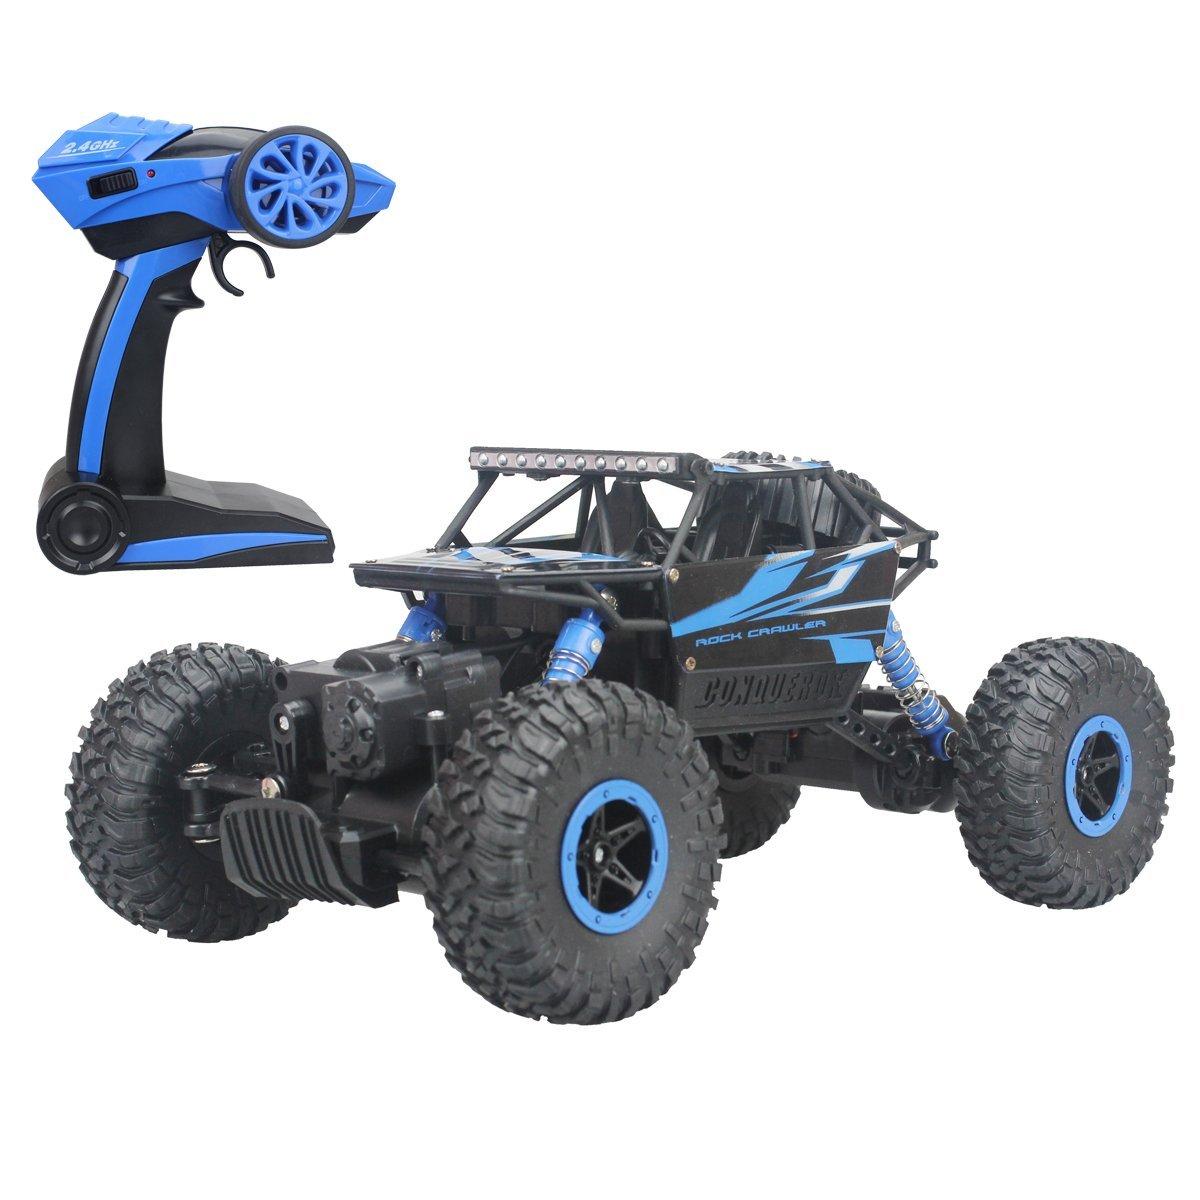 Offroad Rock Crawler - Intip Harga Mobil Remot Terkini agar Hadiah Bagi Si Jagoan Bisa Sesuai Bujet